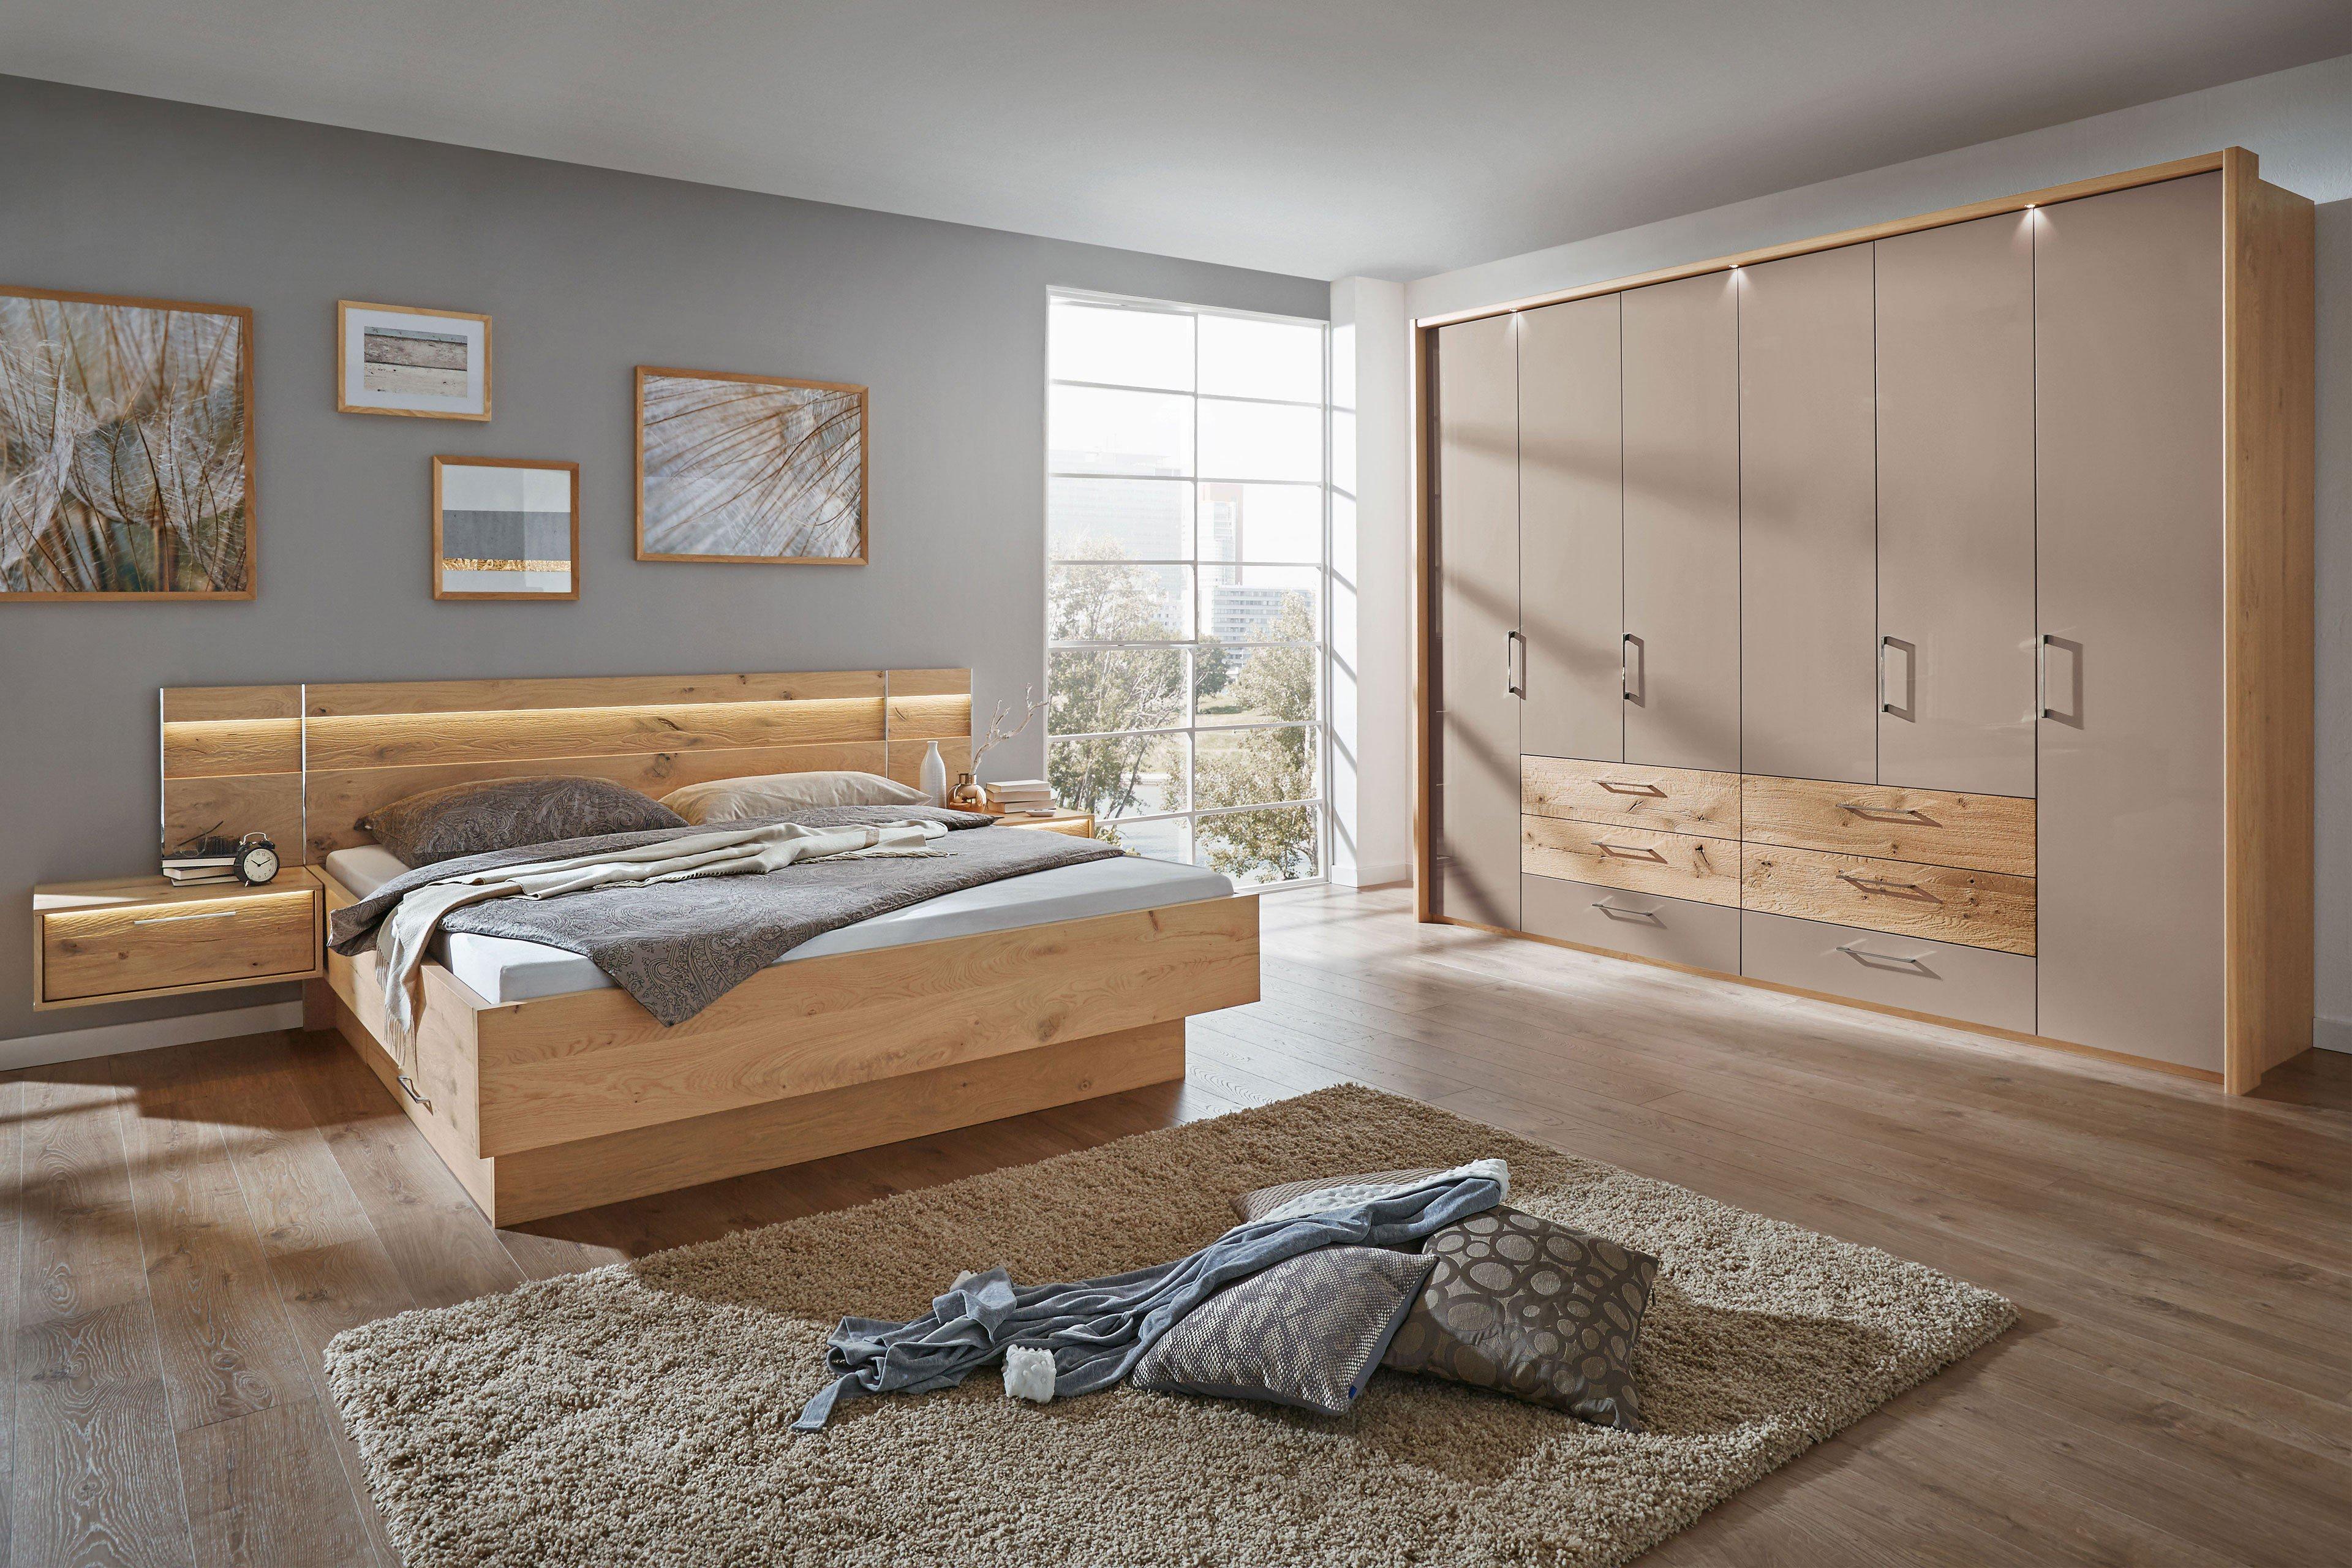 Disselkamp Cadiz Schlafzimmer Riffholz | Möbel Letz - Ihr Online-Shop